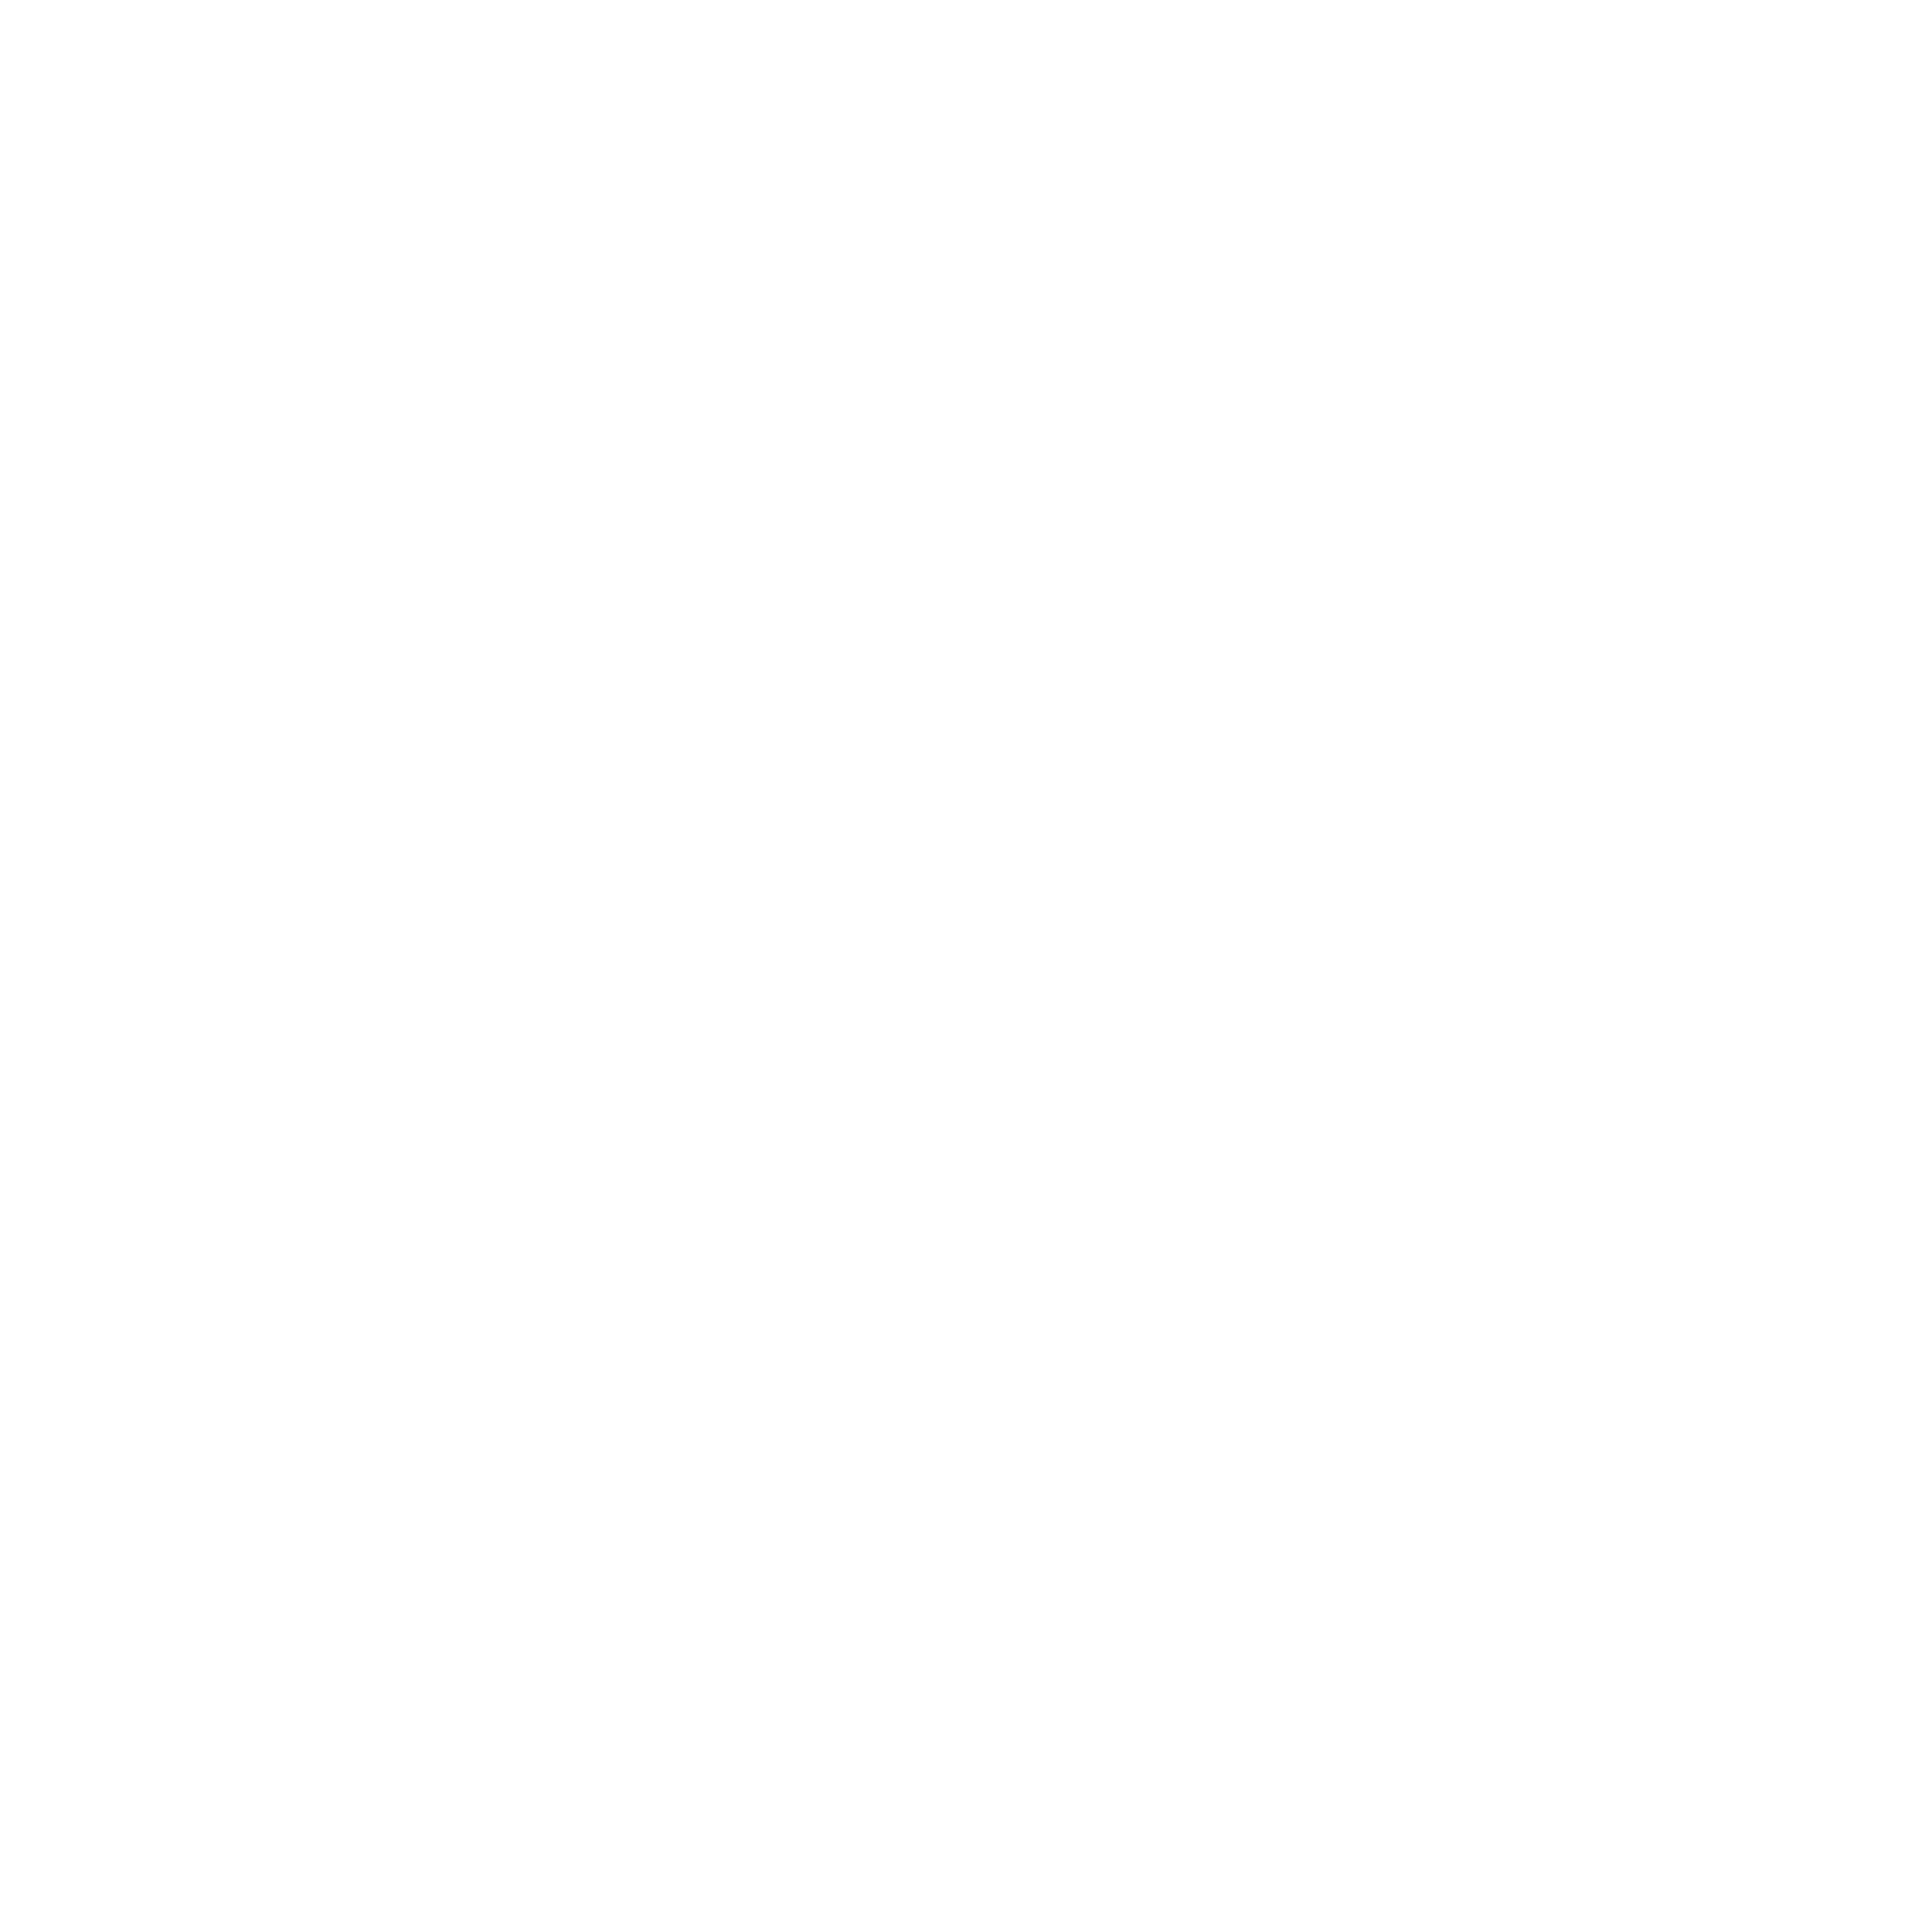 Messenger-Nachricht an medisim